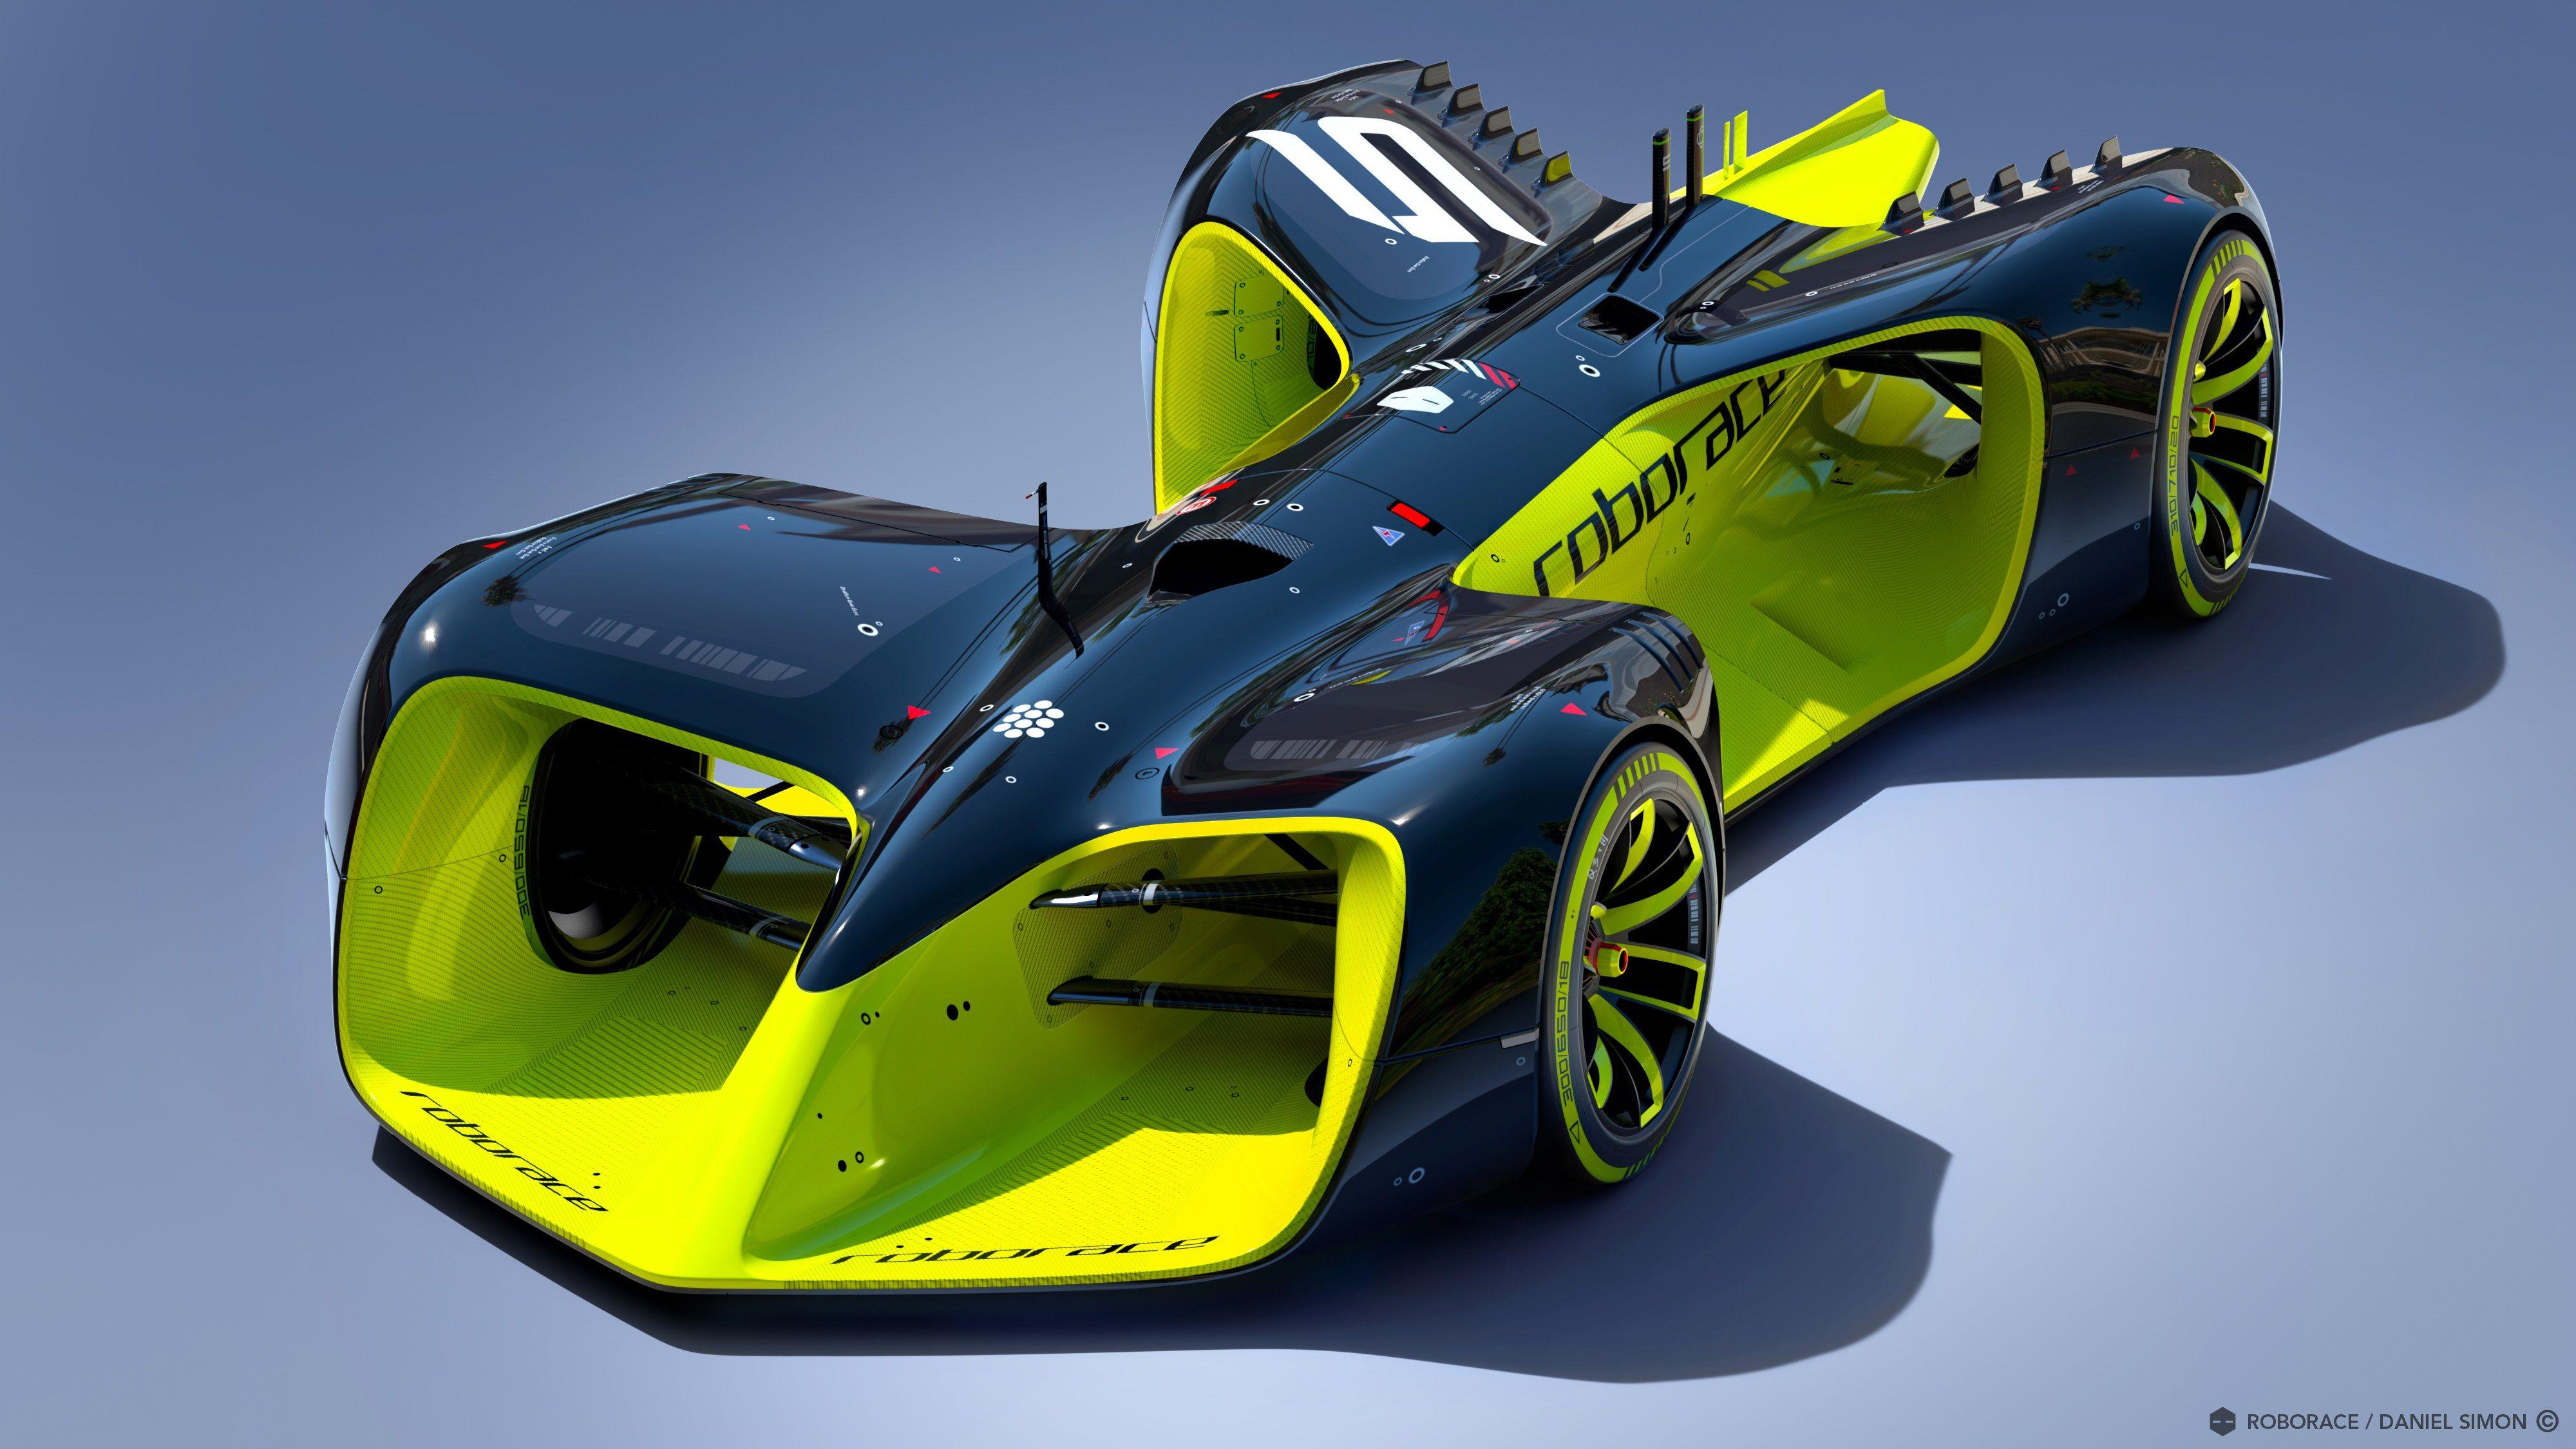 TRON: Legacy Designer Unveils New Autonomous Formula E Race Car | Architectural Digest